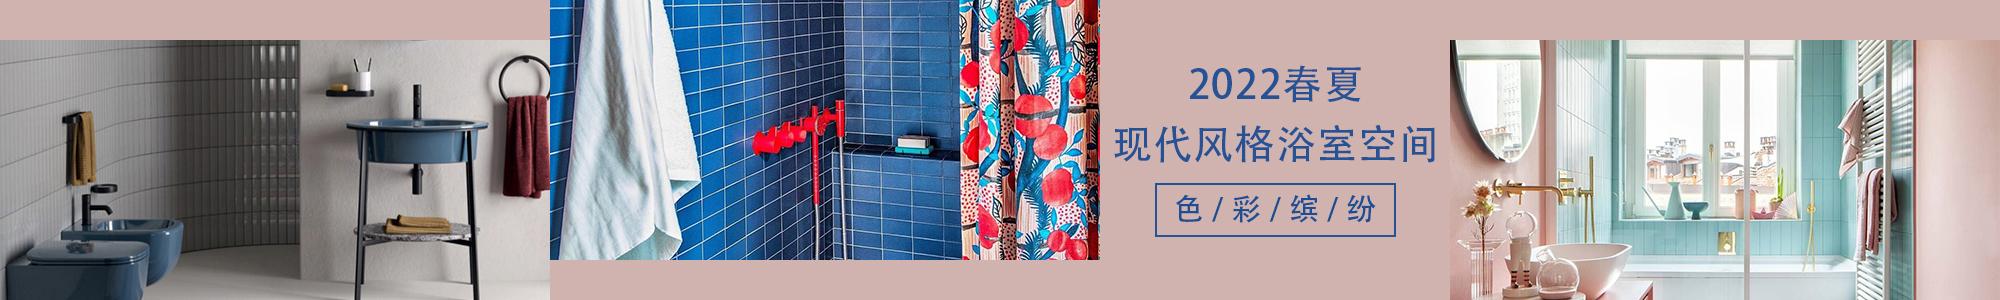 现代风格浴室空间